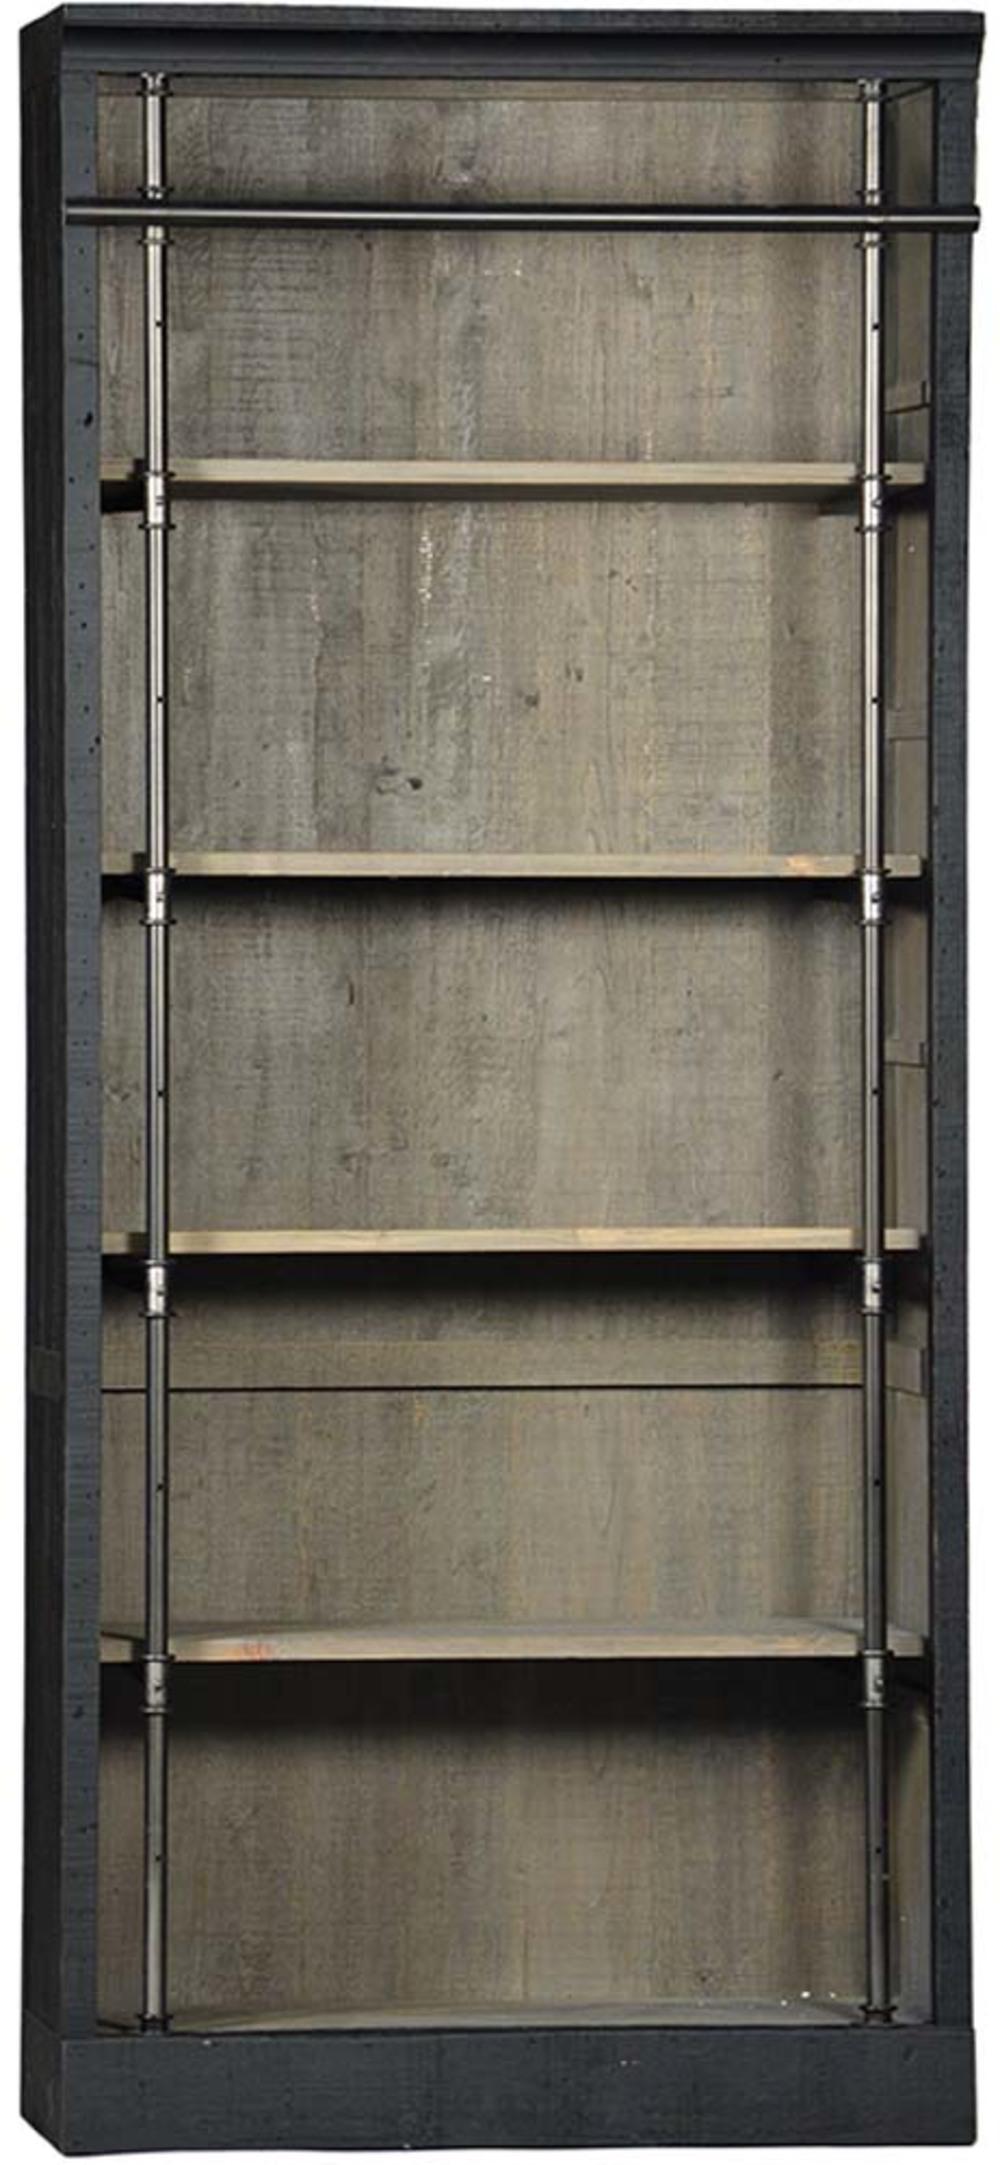 Dovetail Furniture - Whitman Bookcase